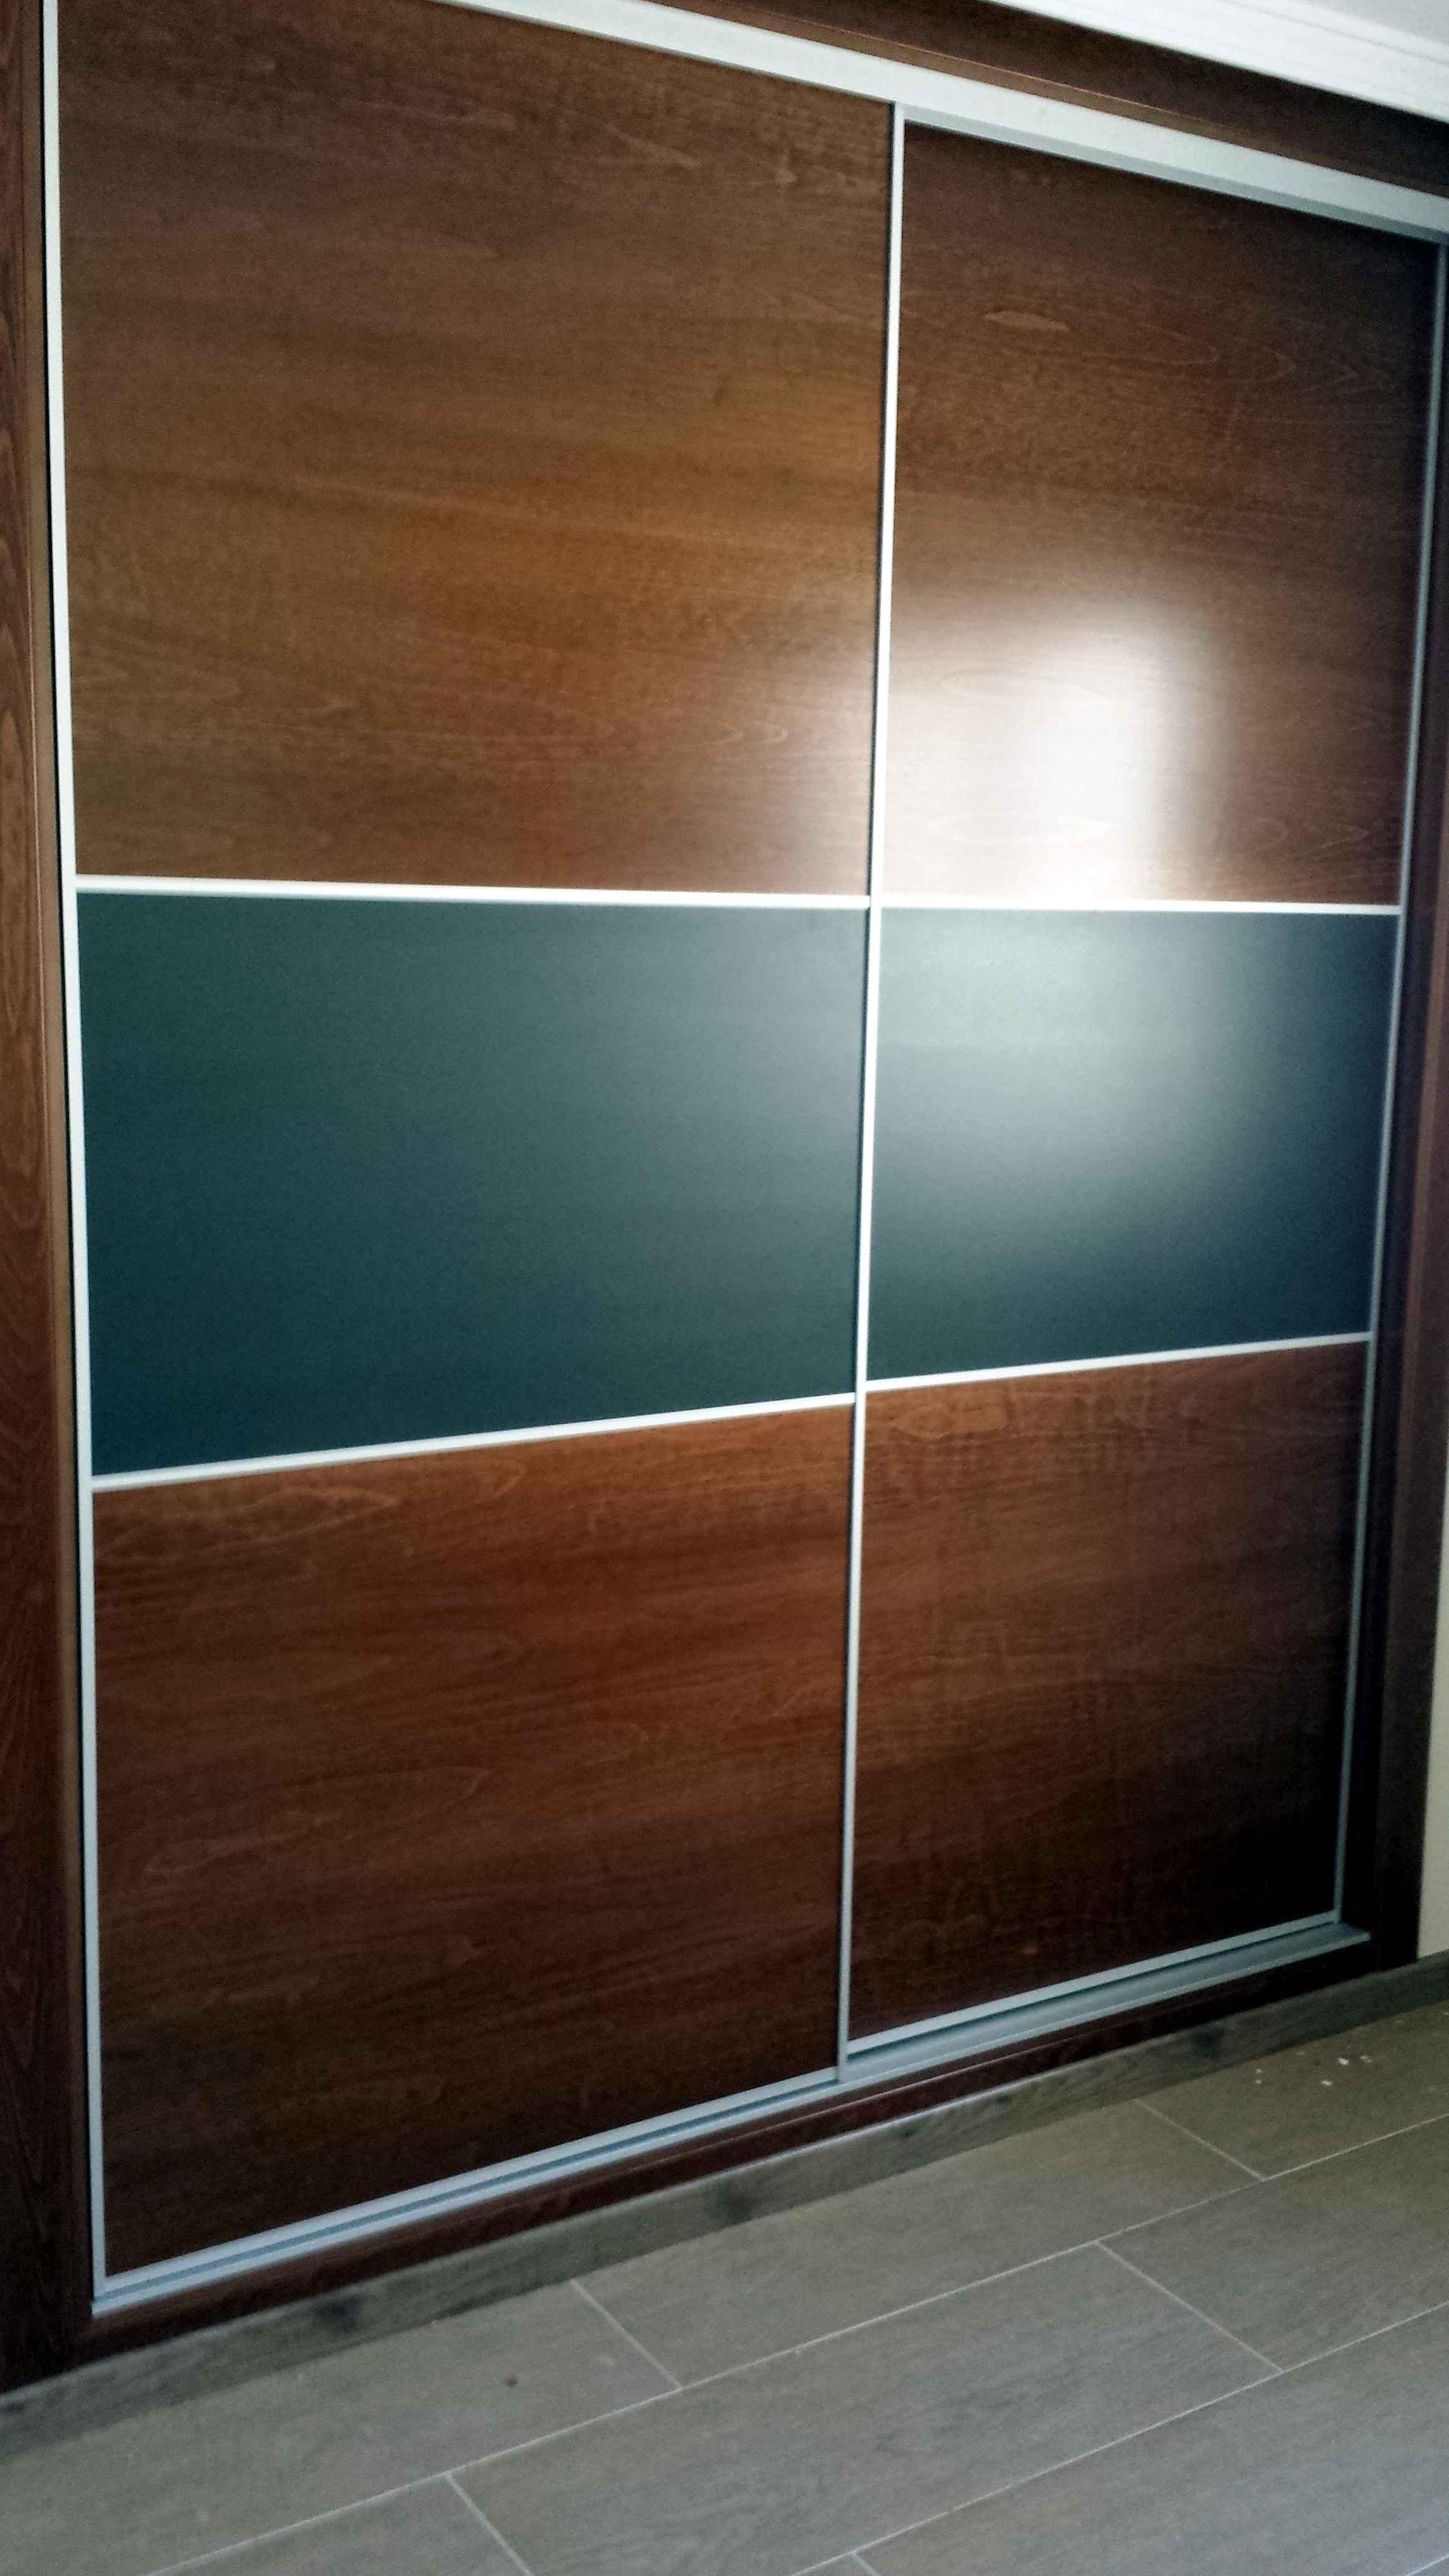 Carpinter a familia murcia armario de dos puertas - Carpinteria de aluminio murcia ...